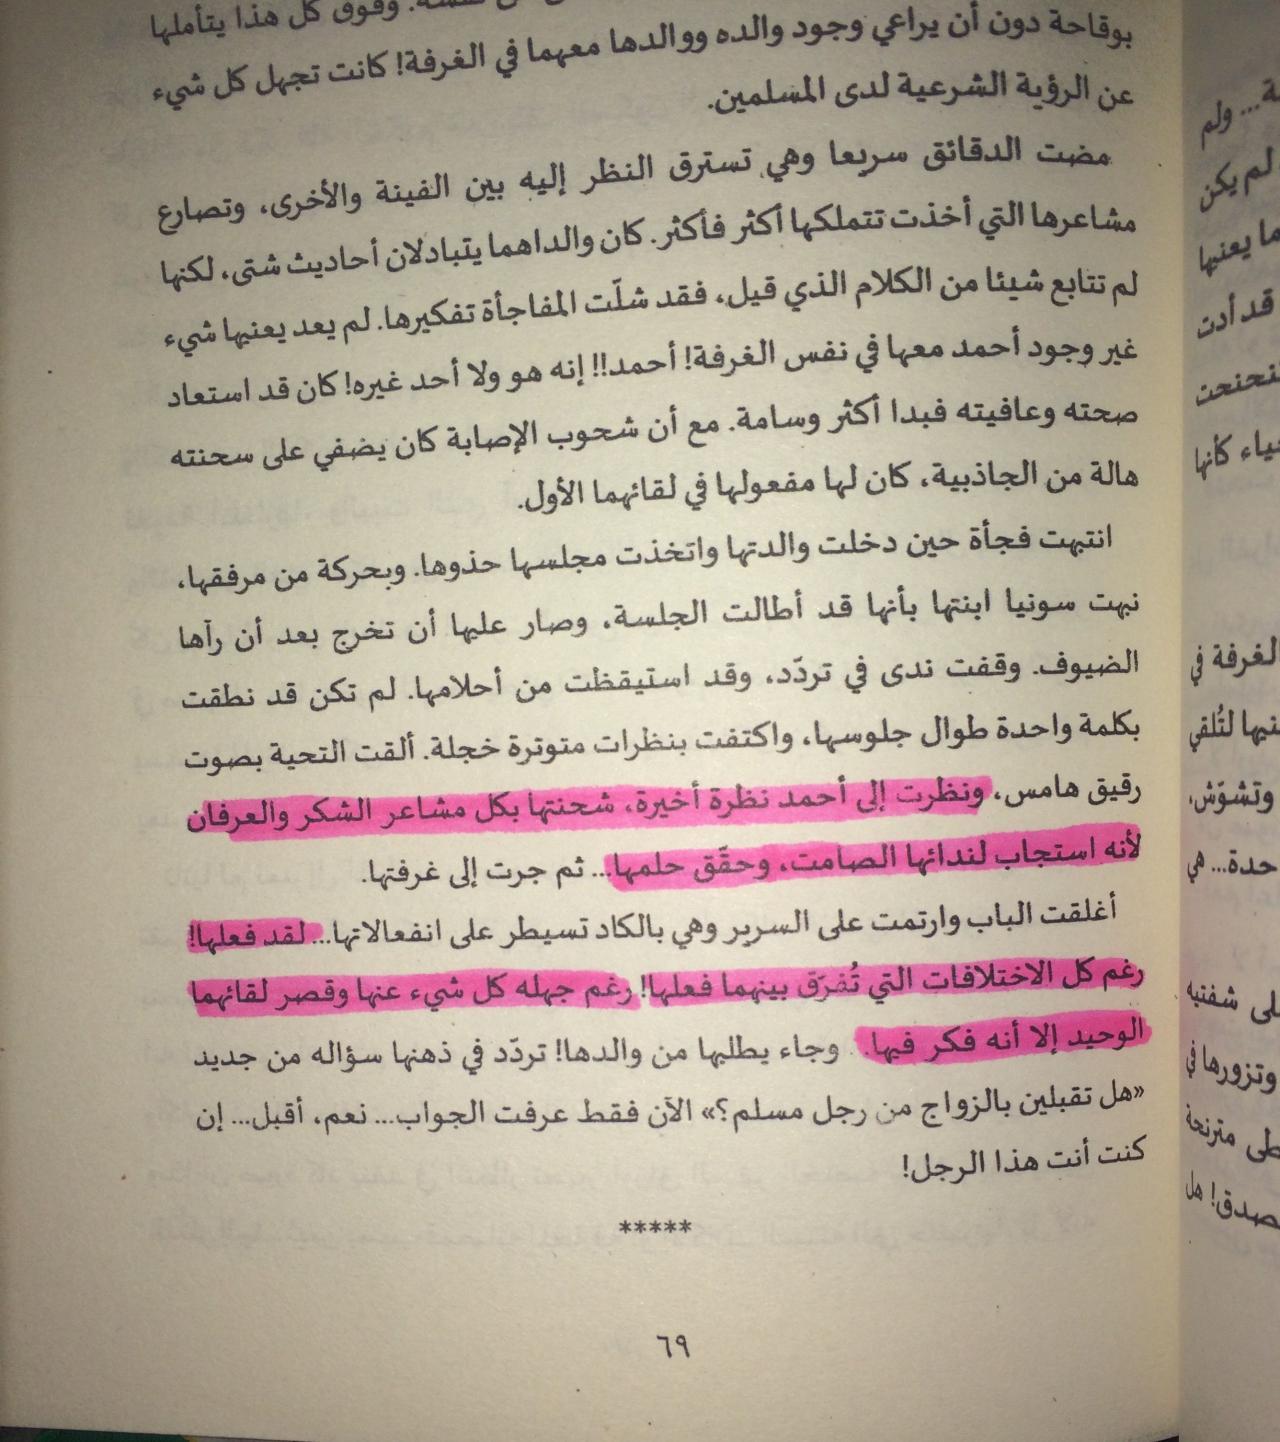 تحميل كتاب في قلبي أنثى عبرية